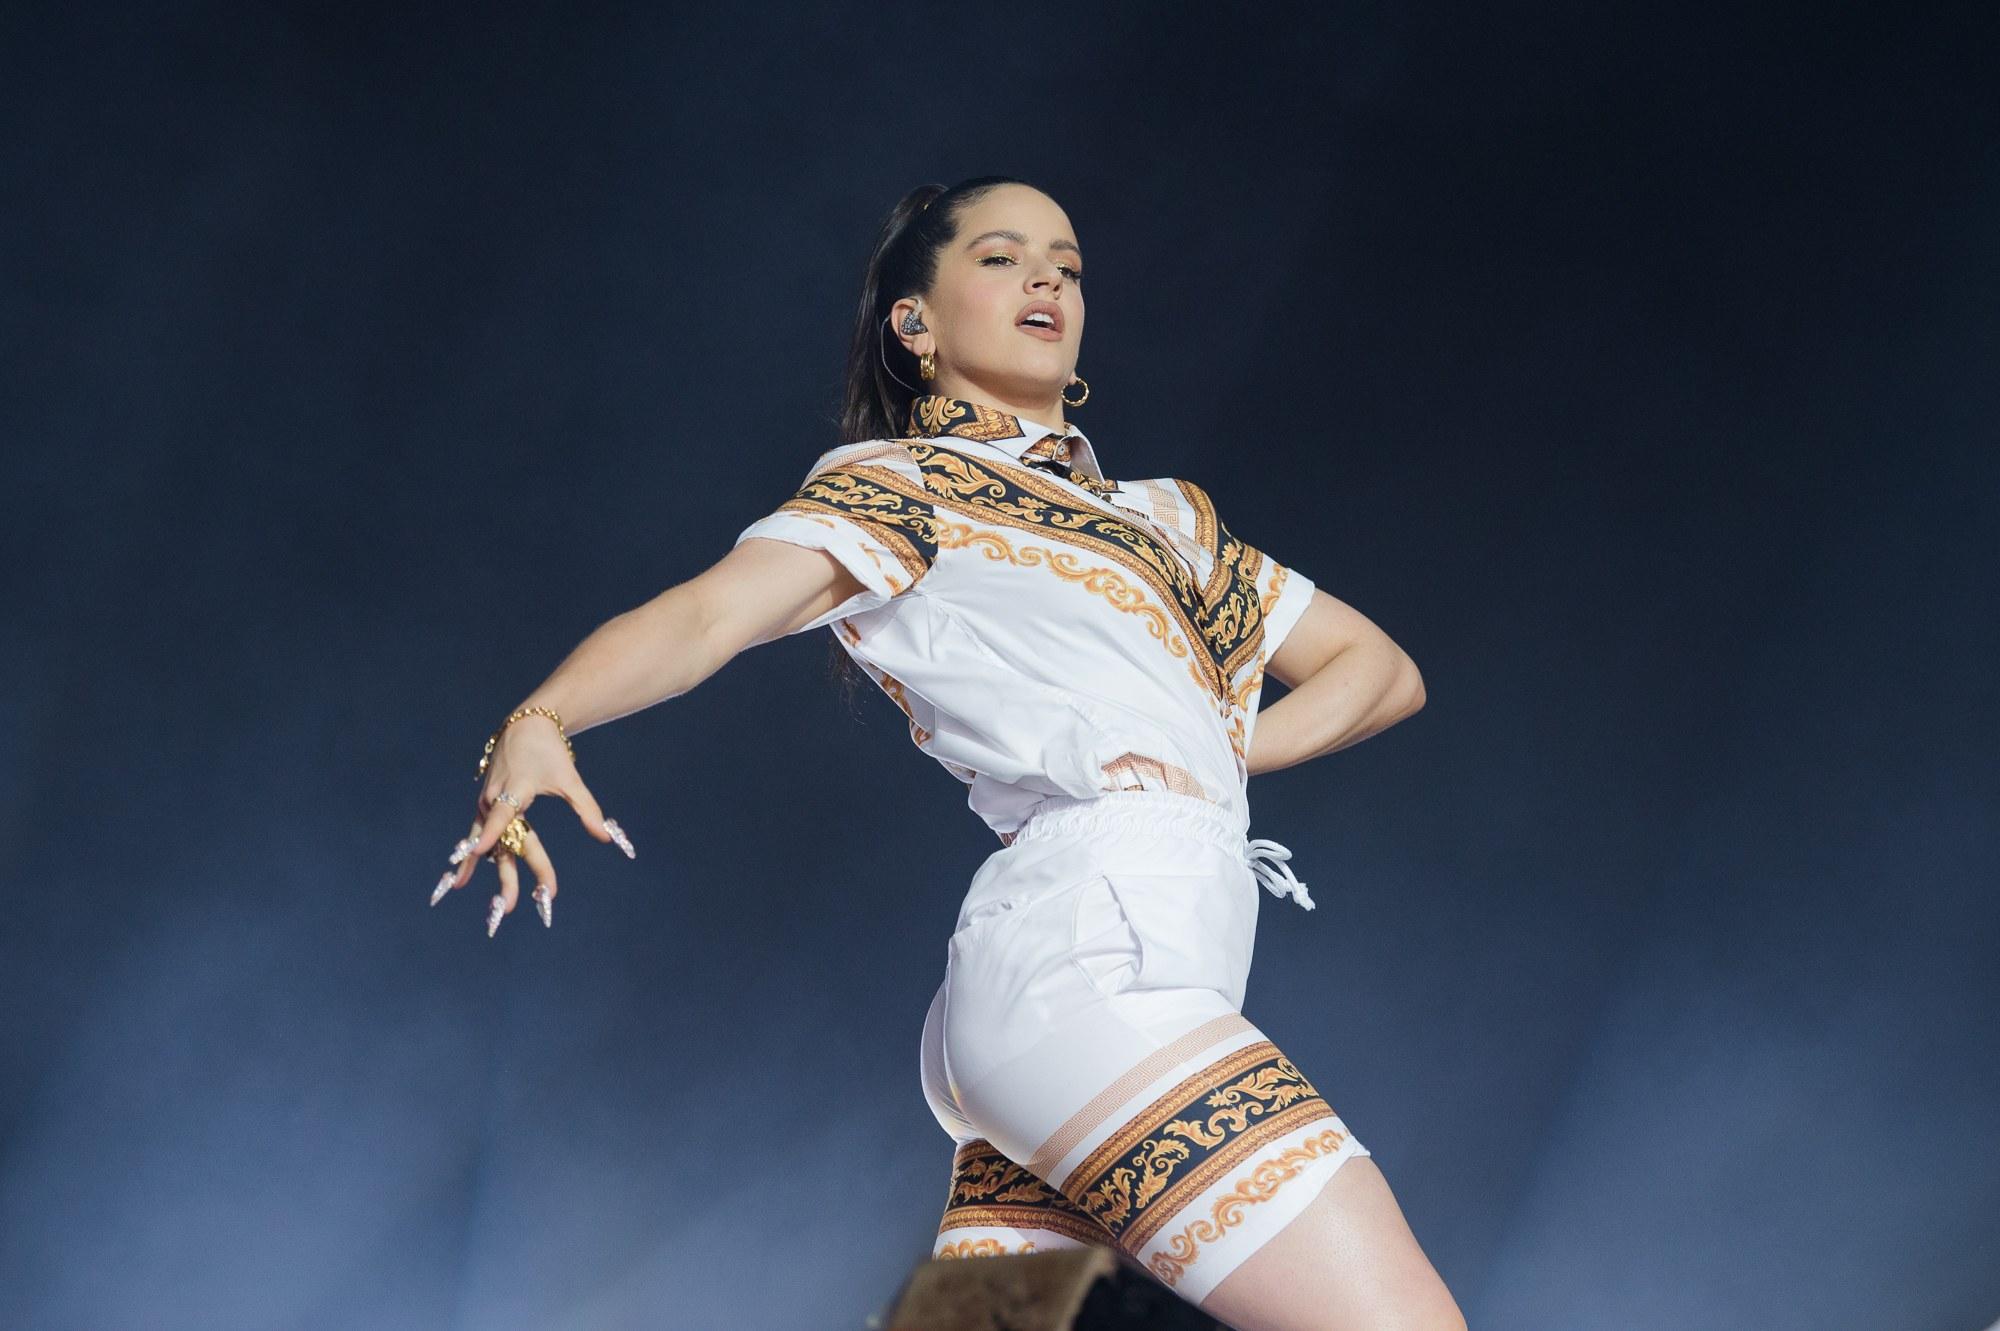 Rosalía hace historia y se convierte en la primera artista hispana nominada a los Grammys